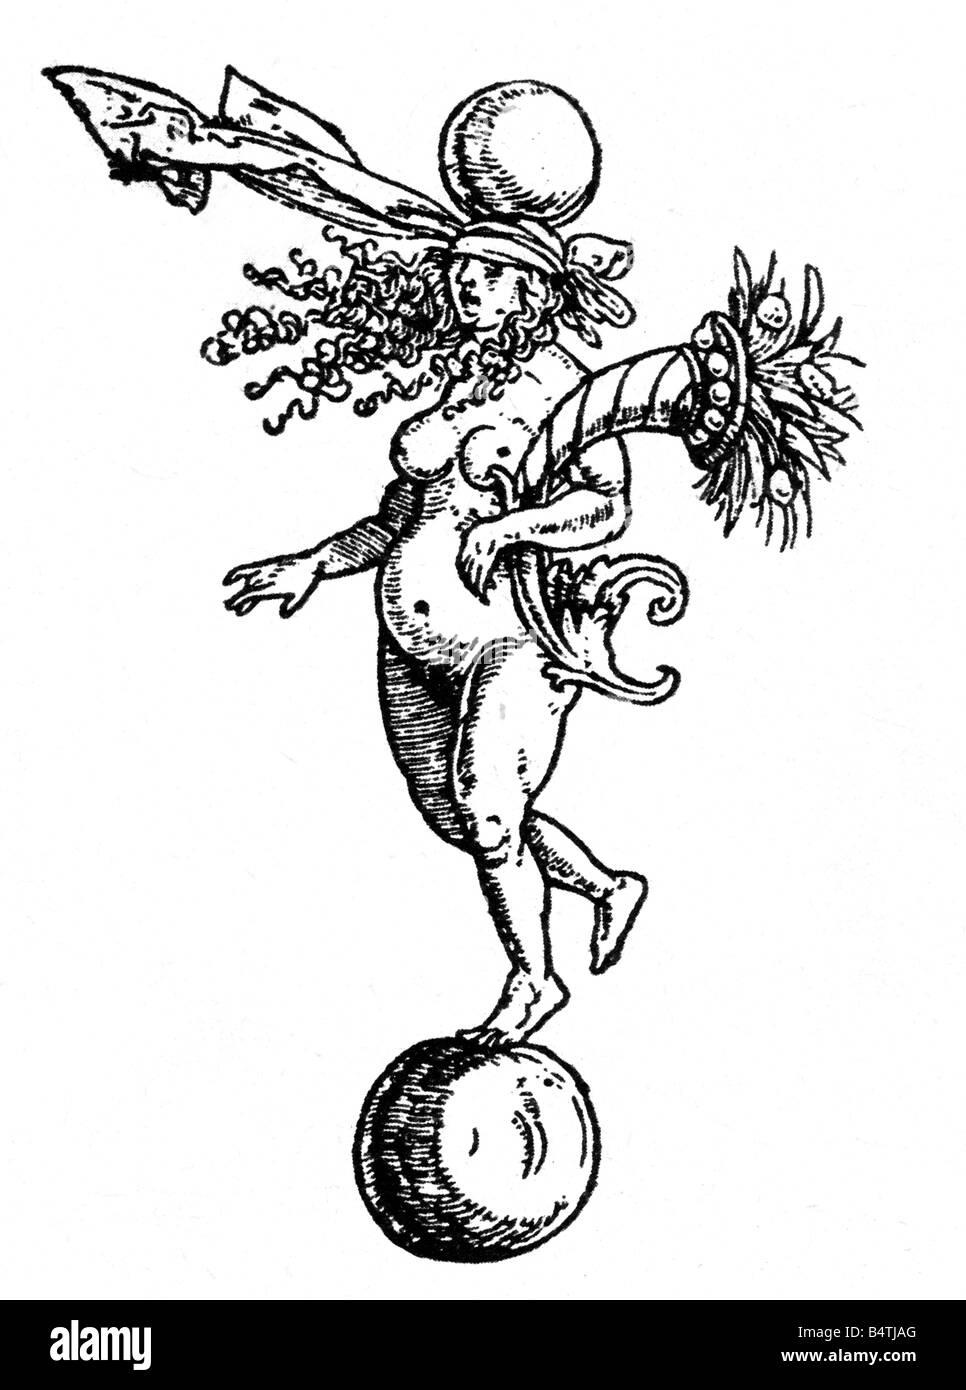 Fortuna, römische Göttin des Glücks, Holzschnitt von Albrecht Duerer (1471-1528), Fülle, Glück, Stockbild